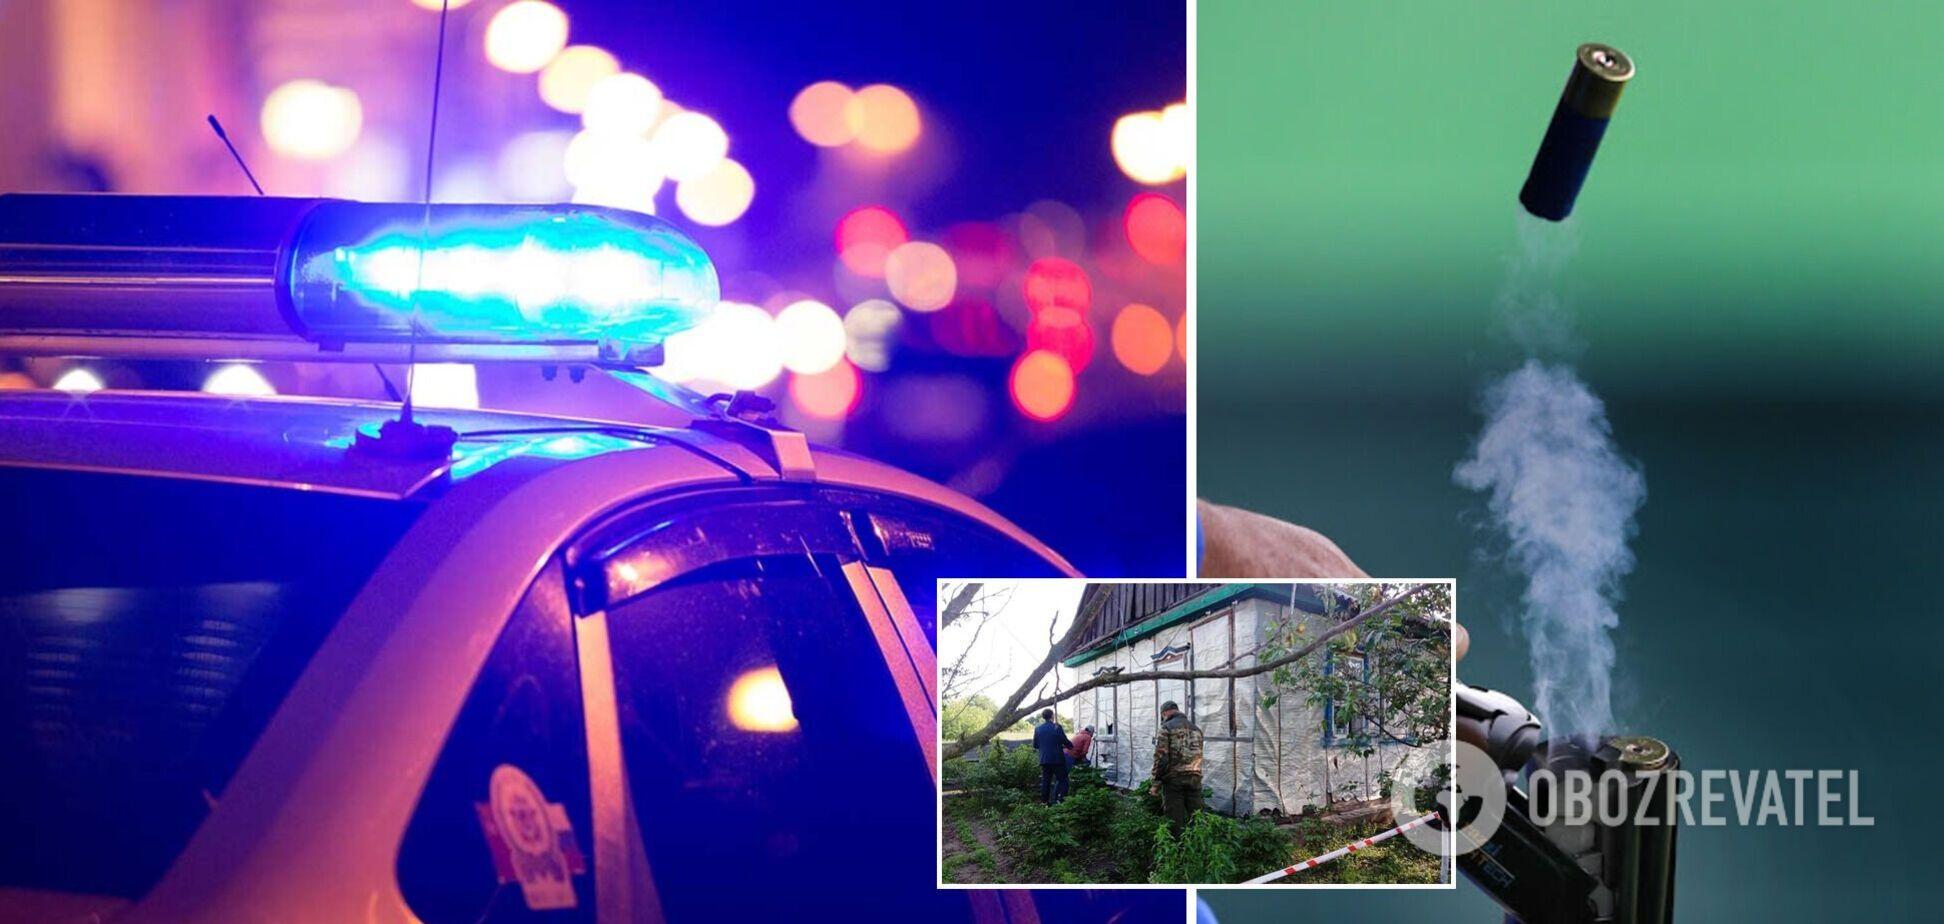 На Житомирщині серед ночі розстріляли подружжя: деталі НП і фото